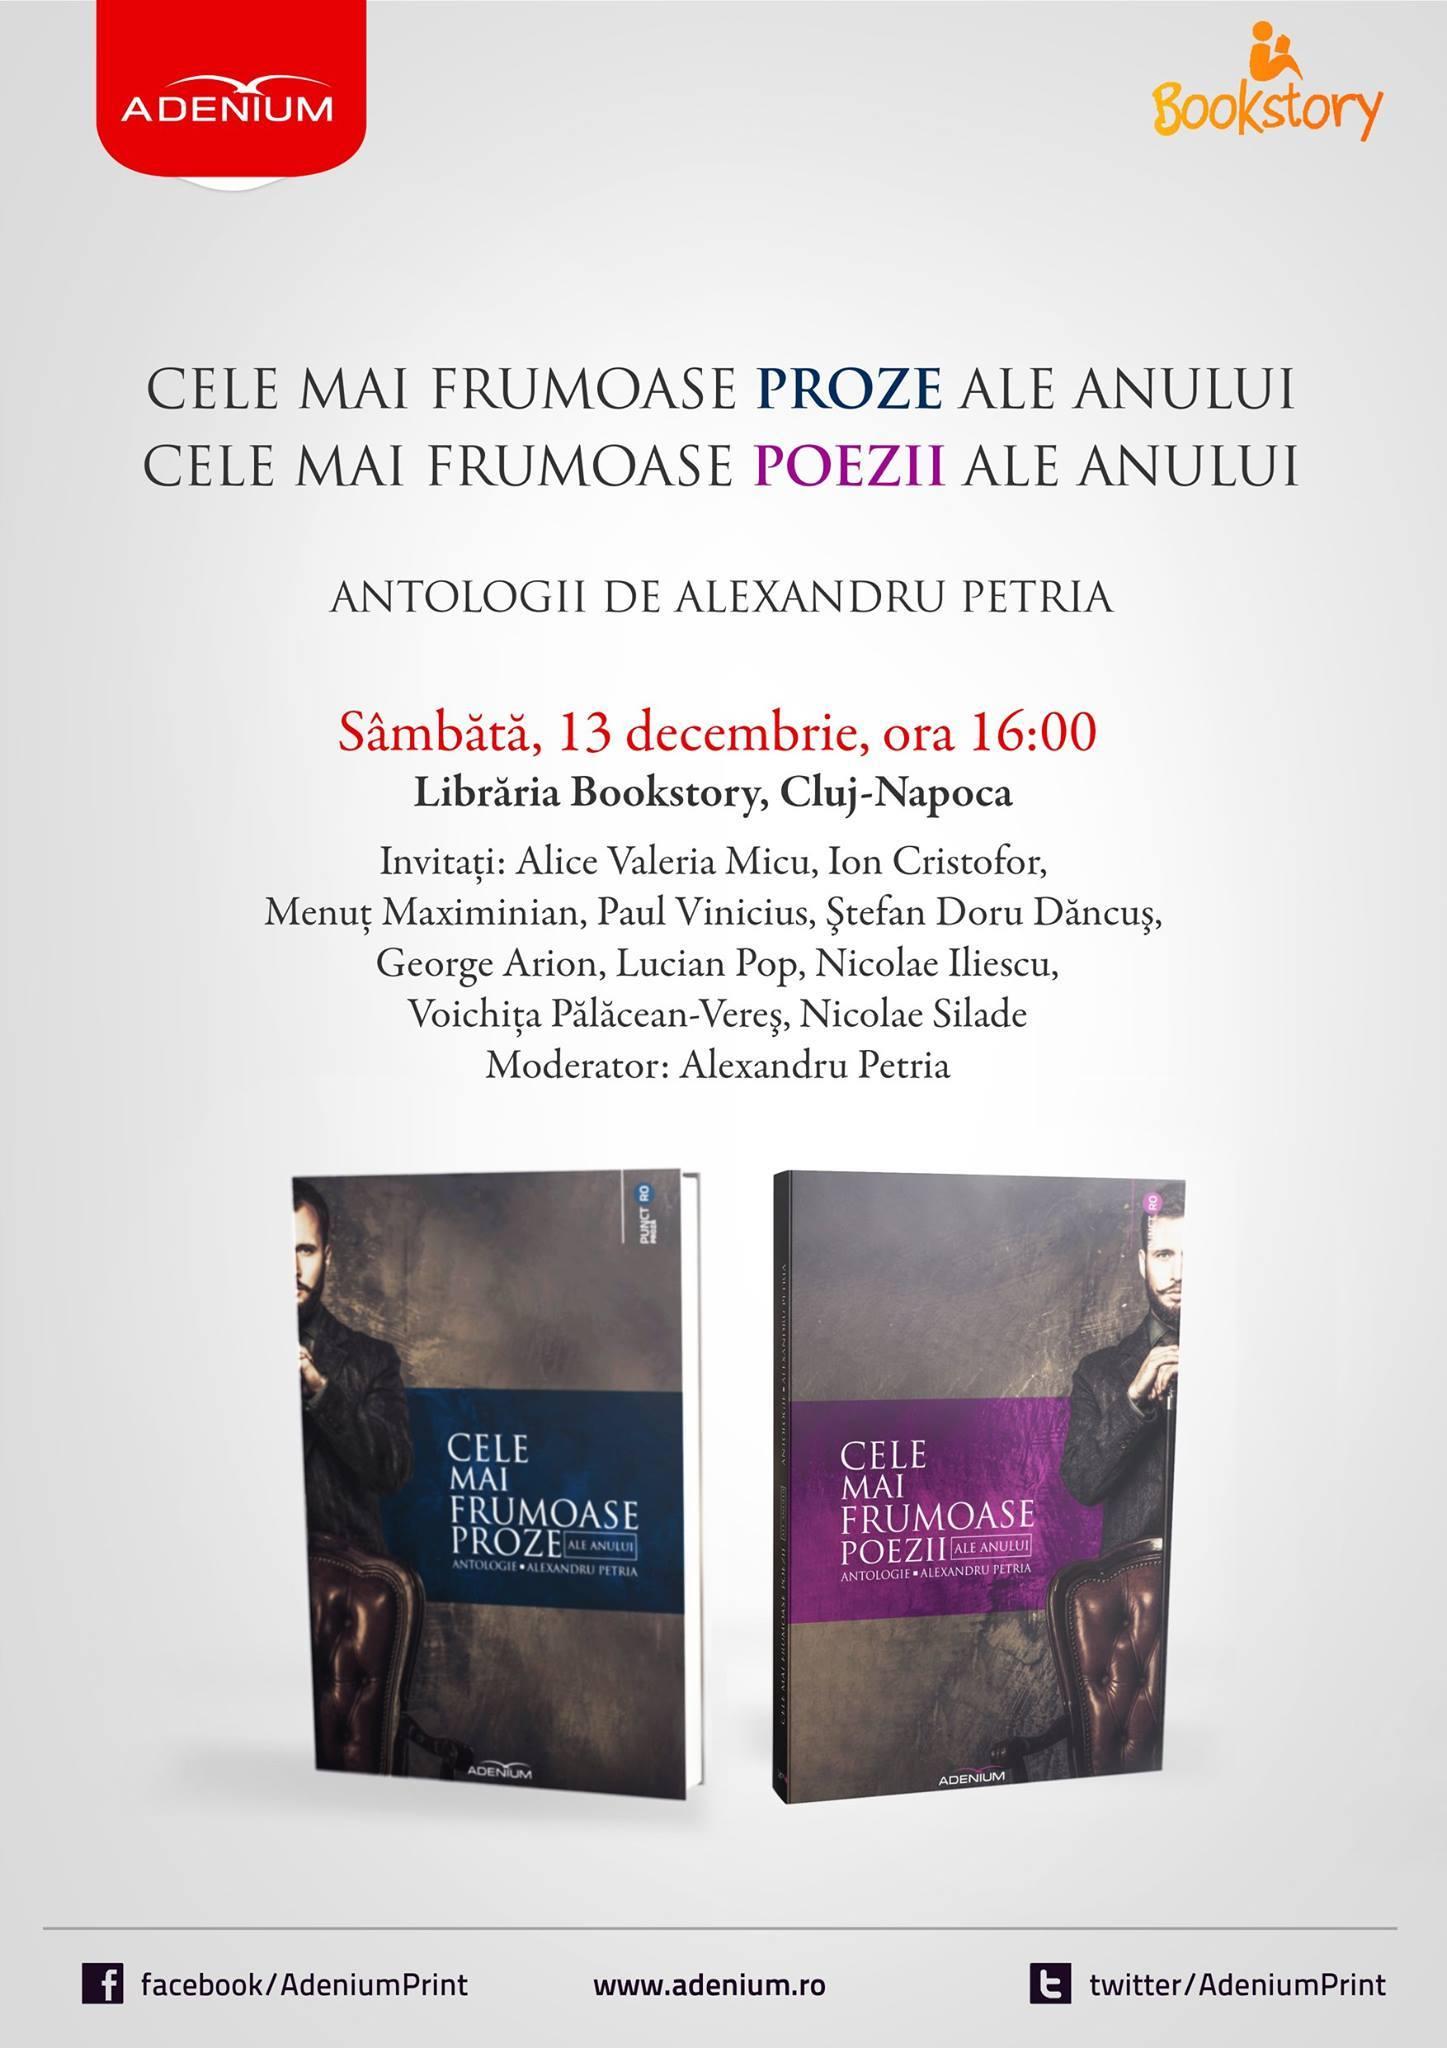 """Lansarea antologiilor Adenium """"Cele mai frumoase poezii ale anului"""" și """"Cele mai frumoase proze ale anului"""""""